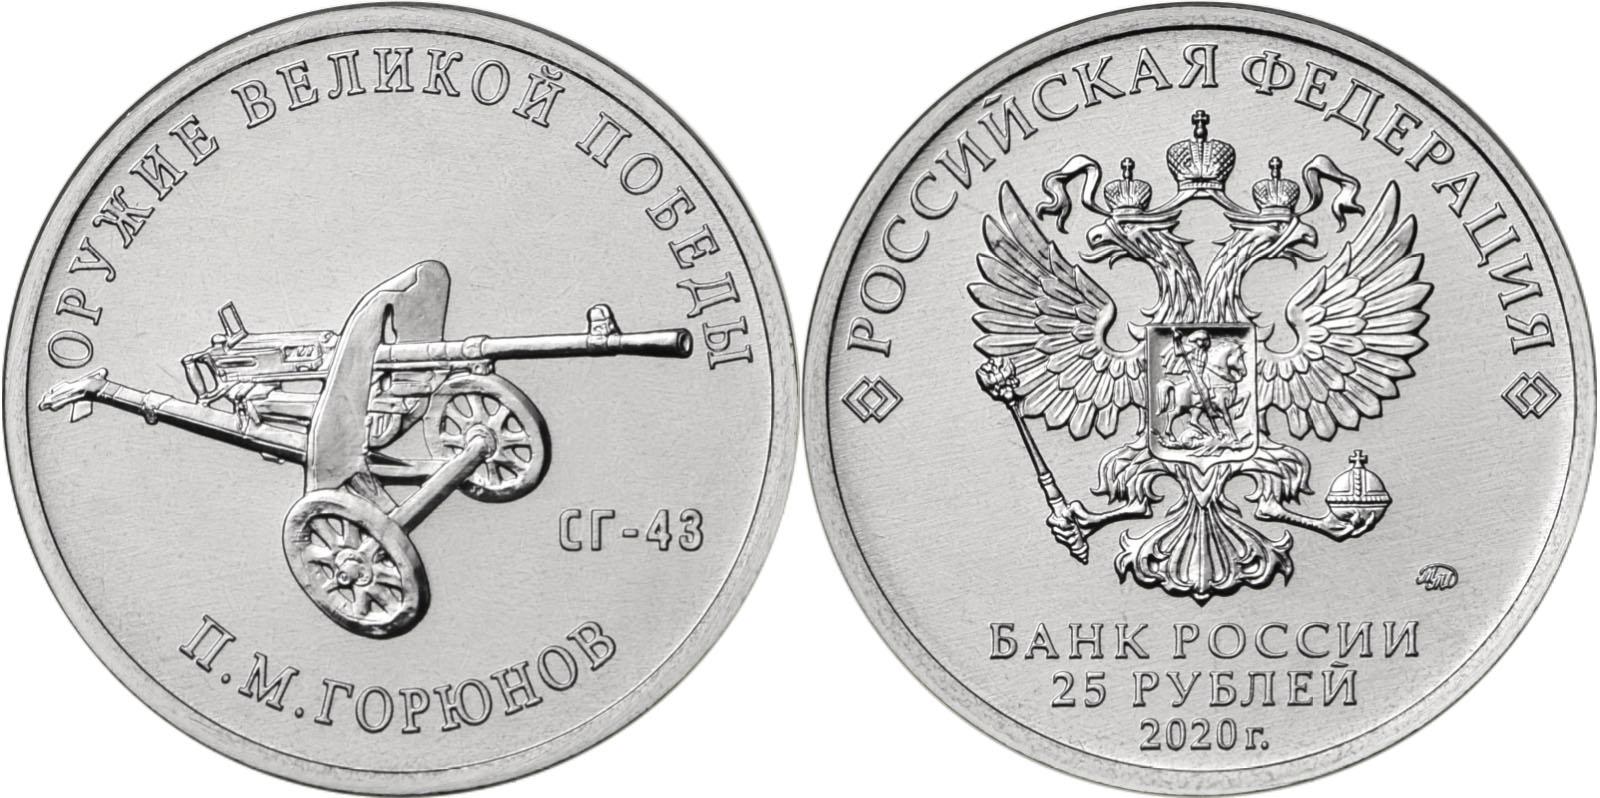 25 рублей «Конструктор оружия П. М. Горюнов»